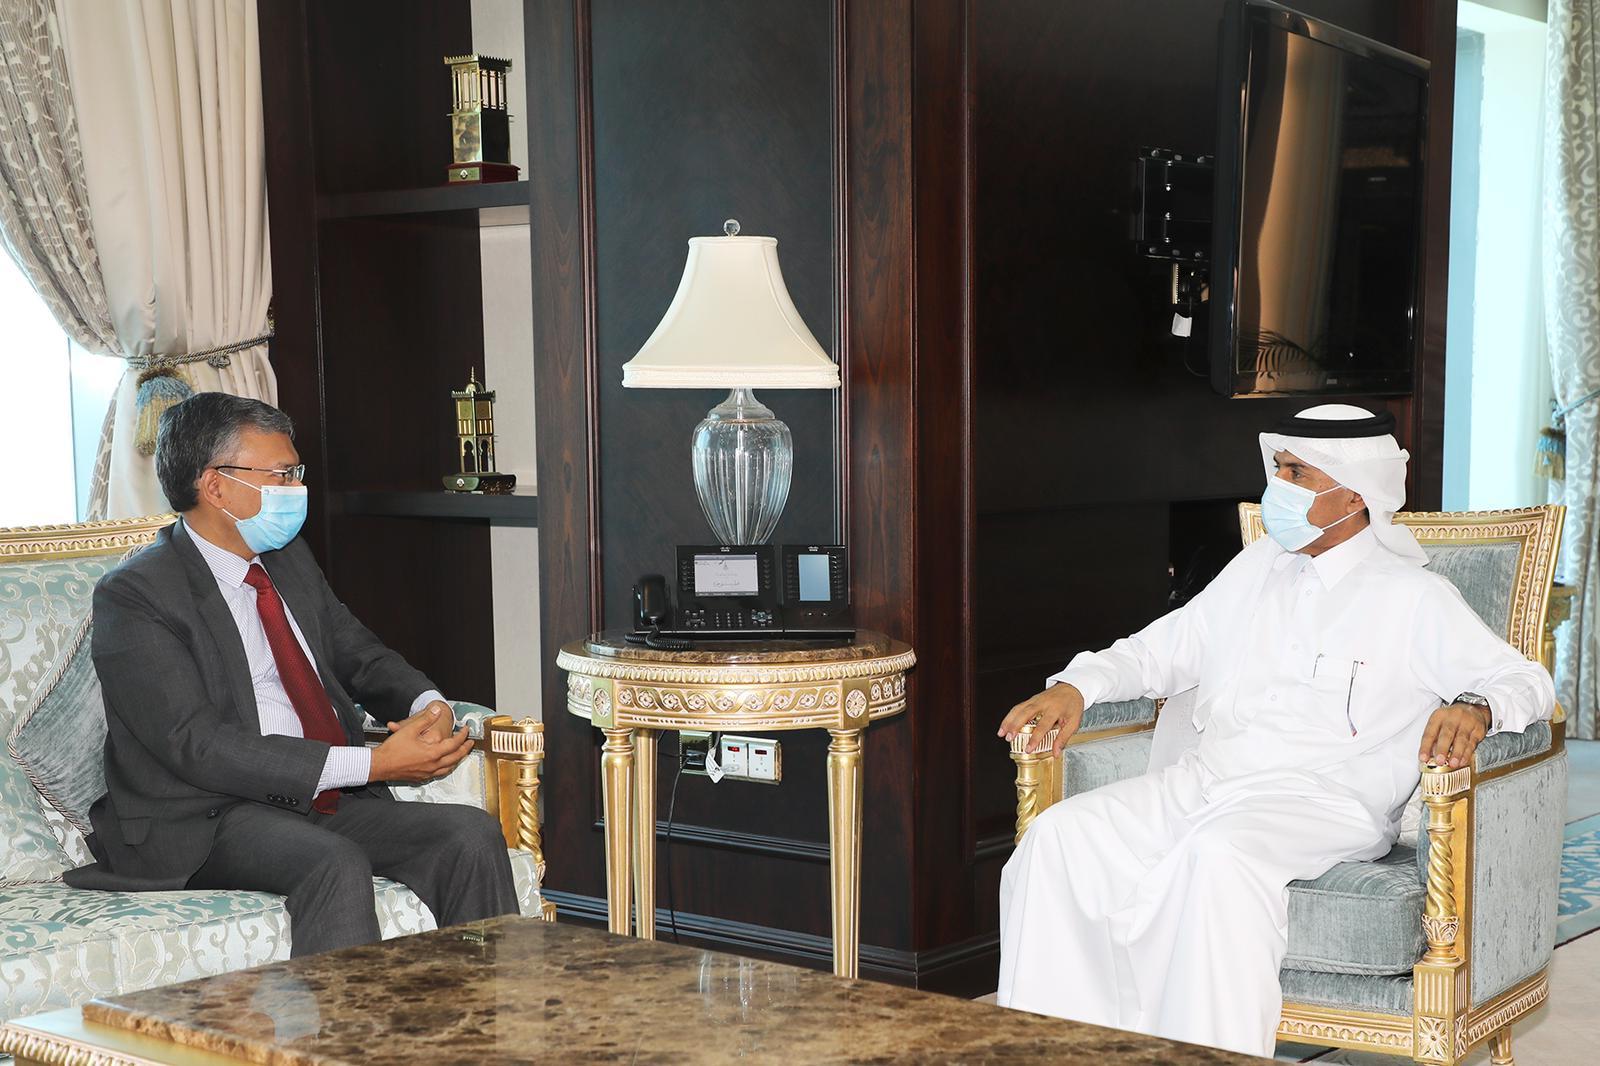 الأمين العام لوزارة الخارجية يجتمع مع سفير الهند